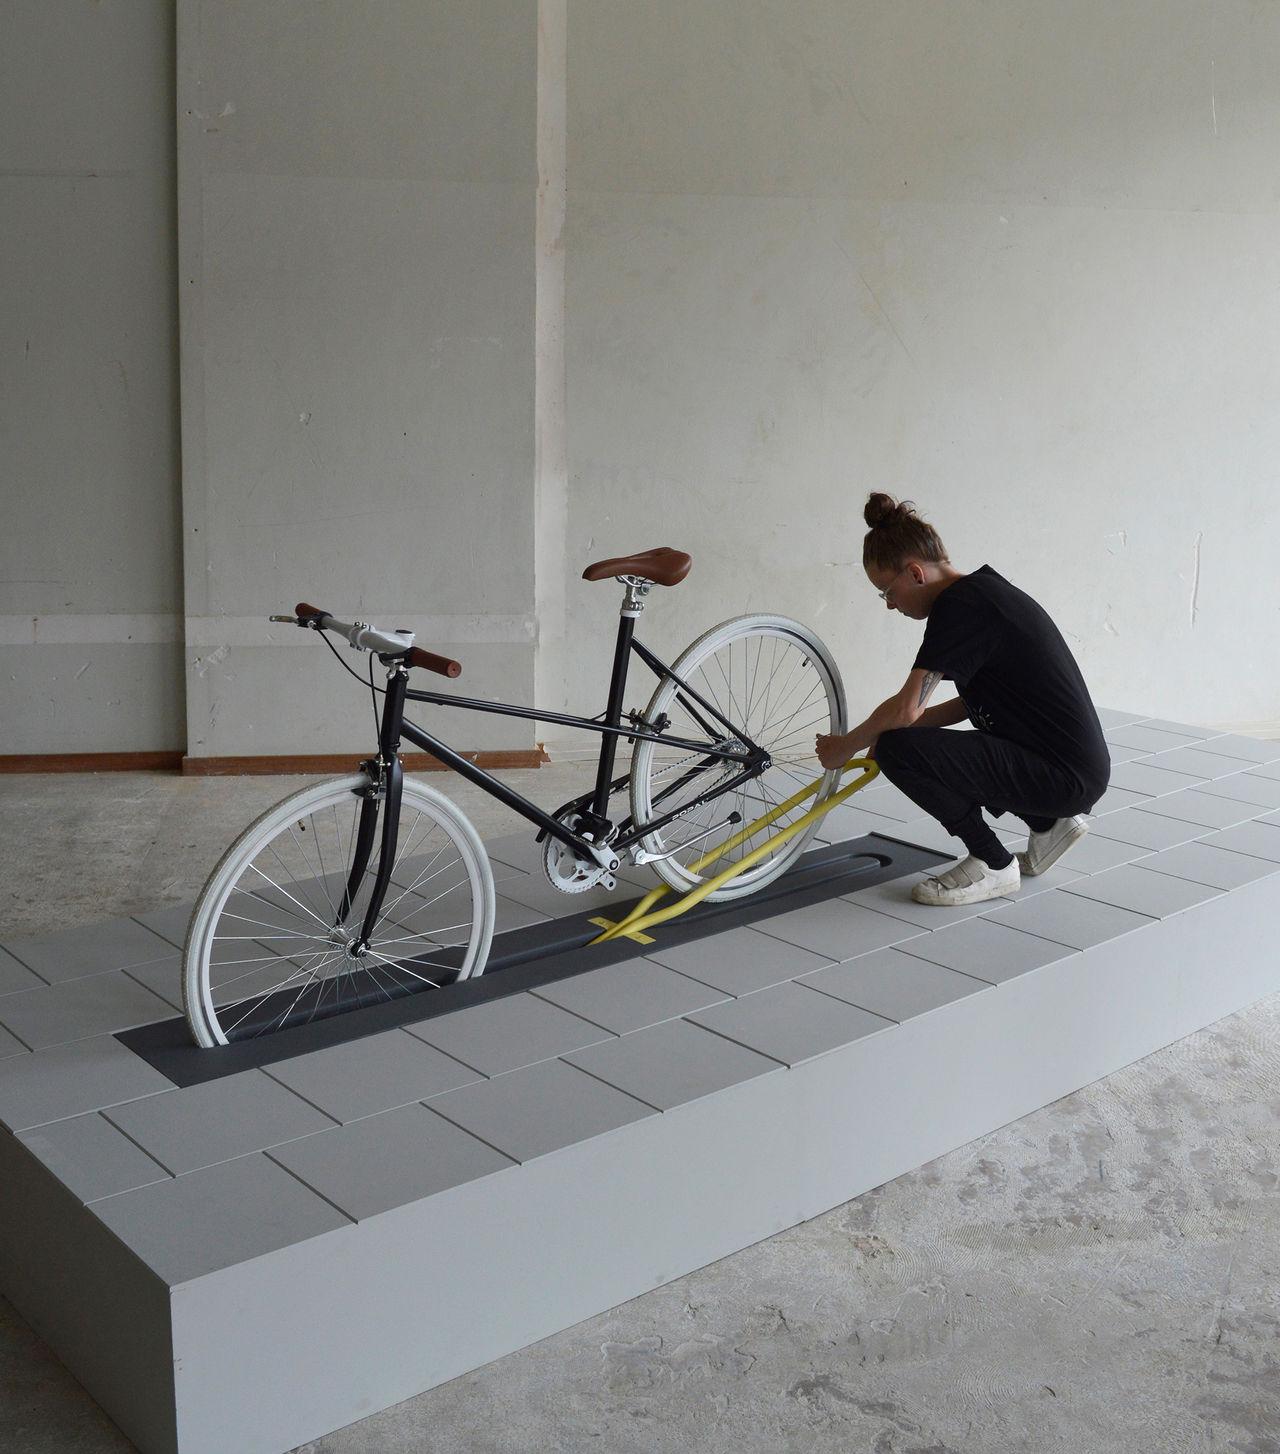 Cykelställ som gömmer sig i marken